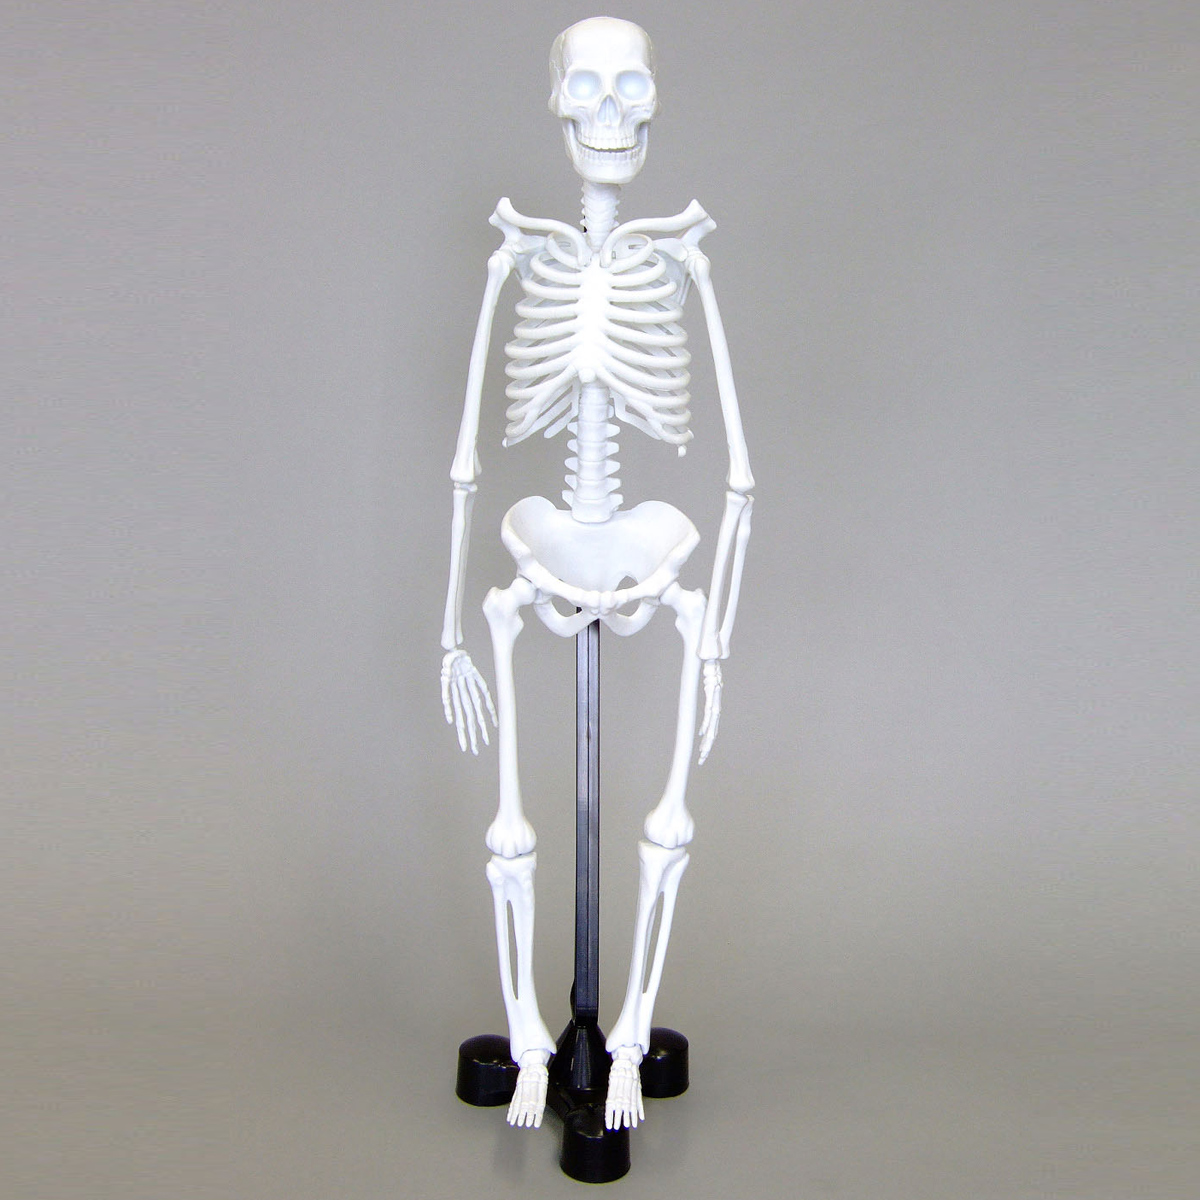 人体模型 全身 骨 46cm スタンド付き 骨格モデル おもちゃ ミニ 理科 科学 教材 小学生 全身標本 体の仕組み